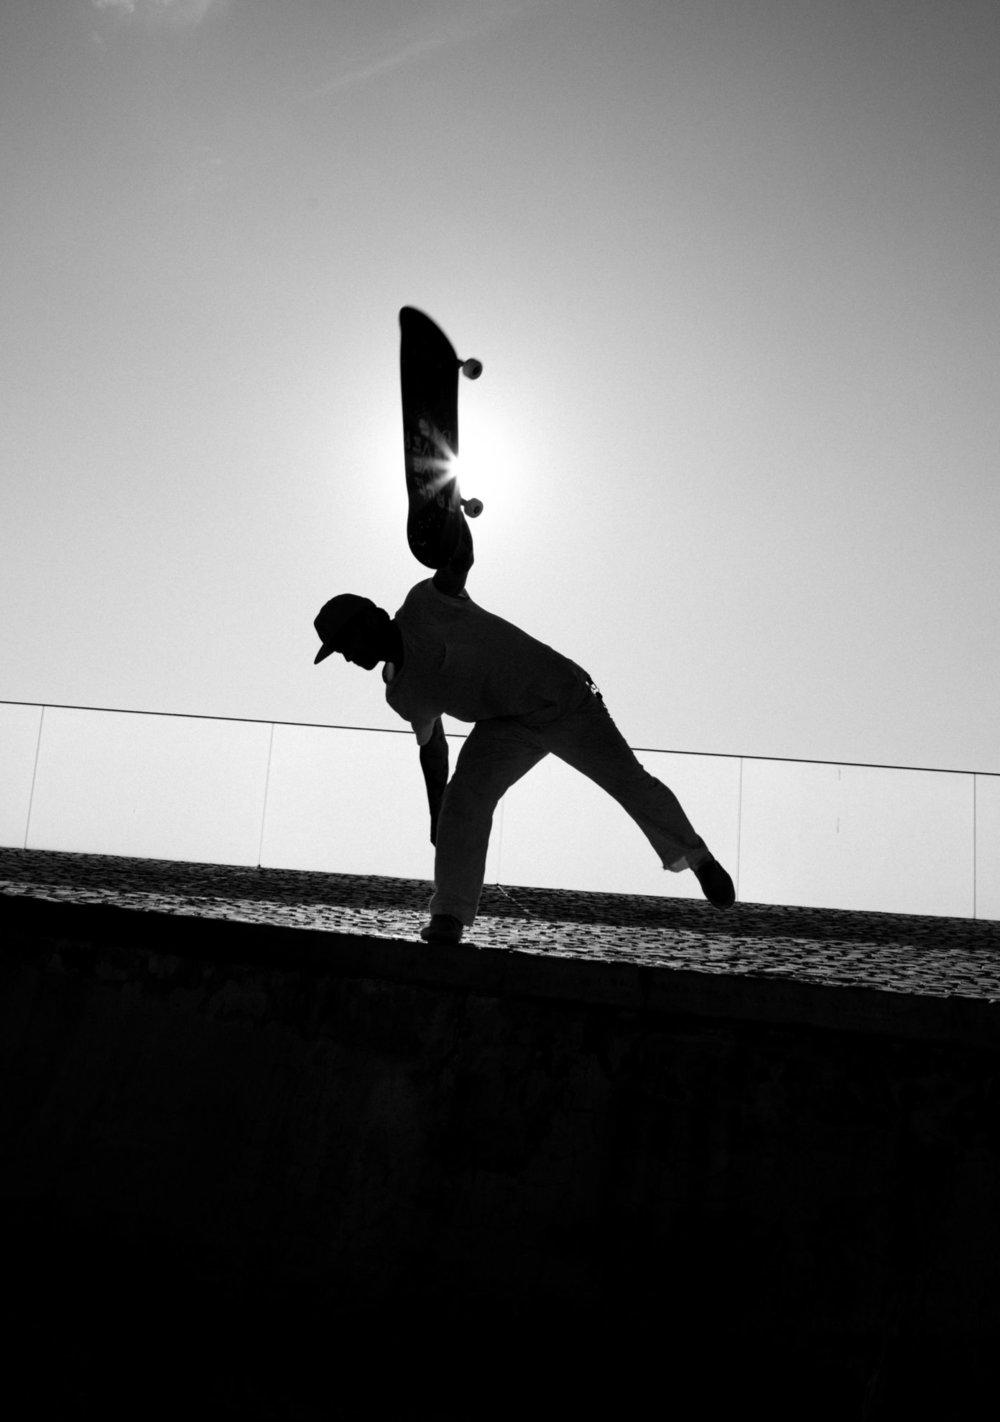 sebastien-zanella-surf-skate-photgraphy-3.jpg